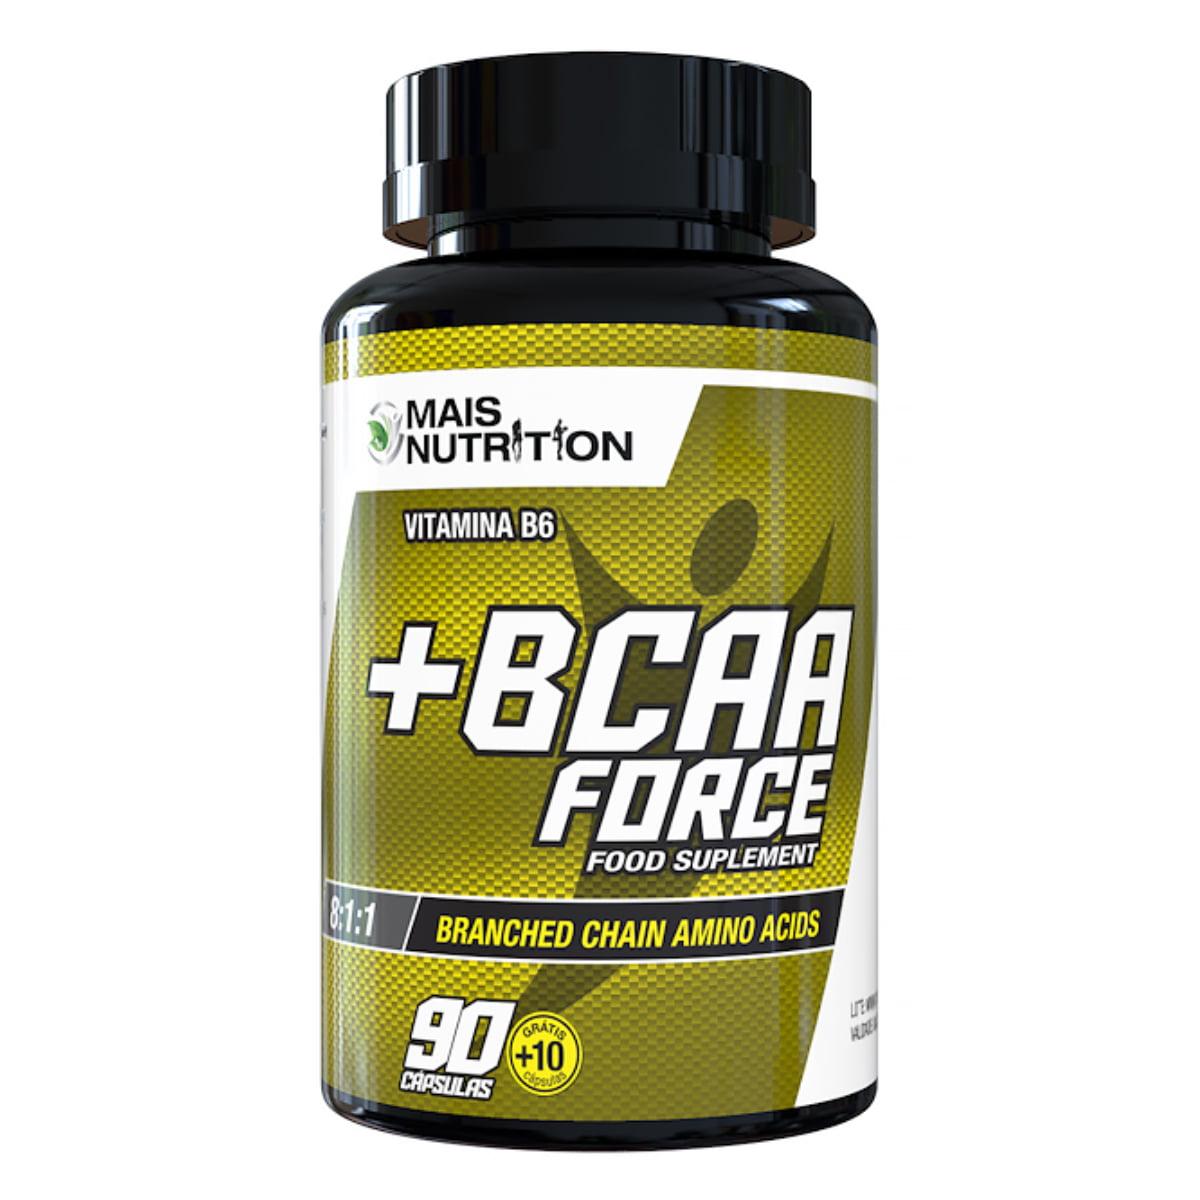 180 BCAA Force 100 capsulas Mais Nutrition